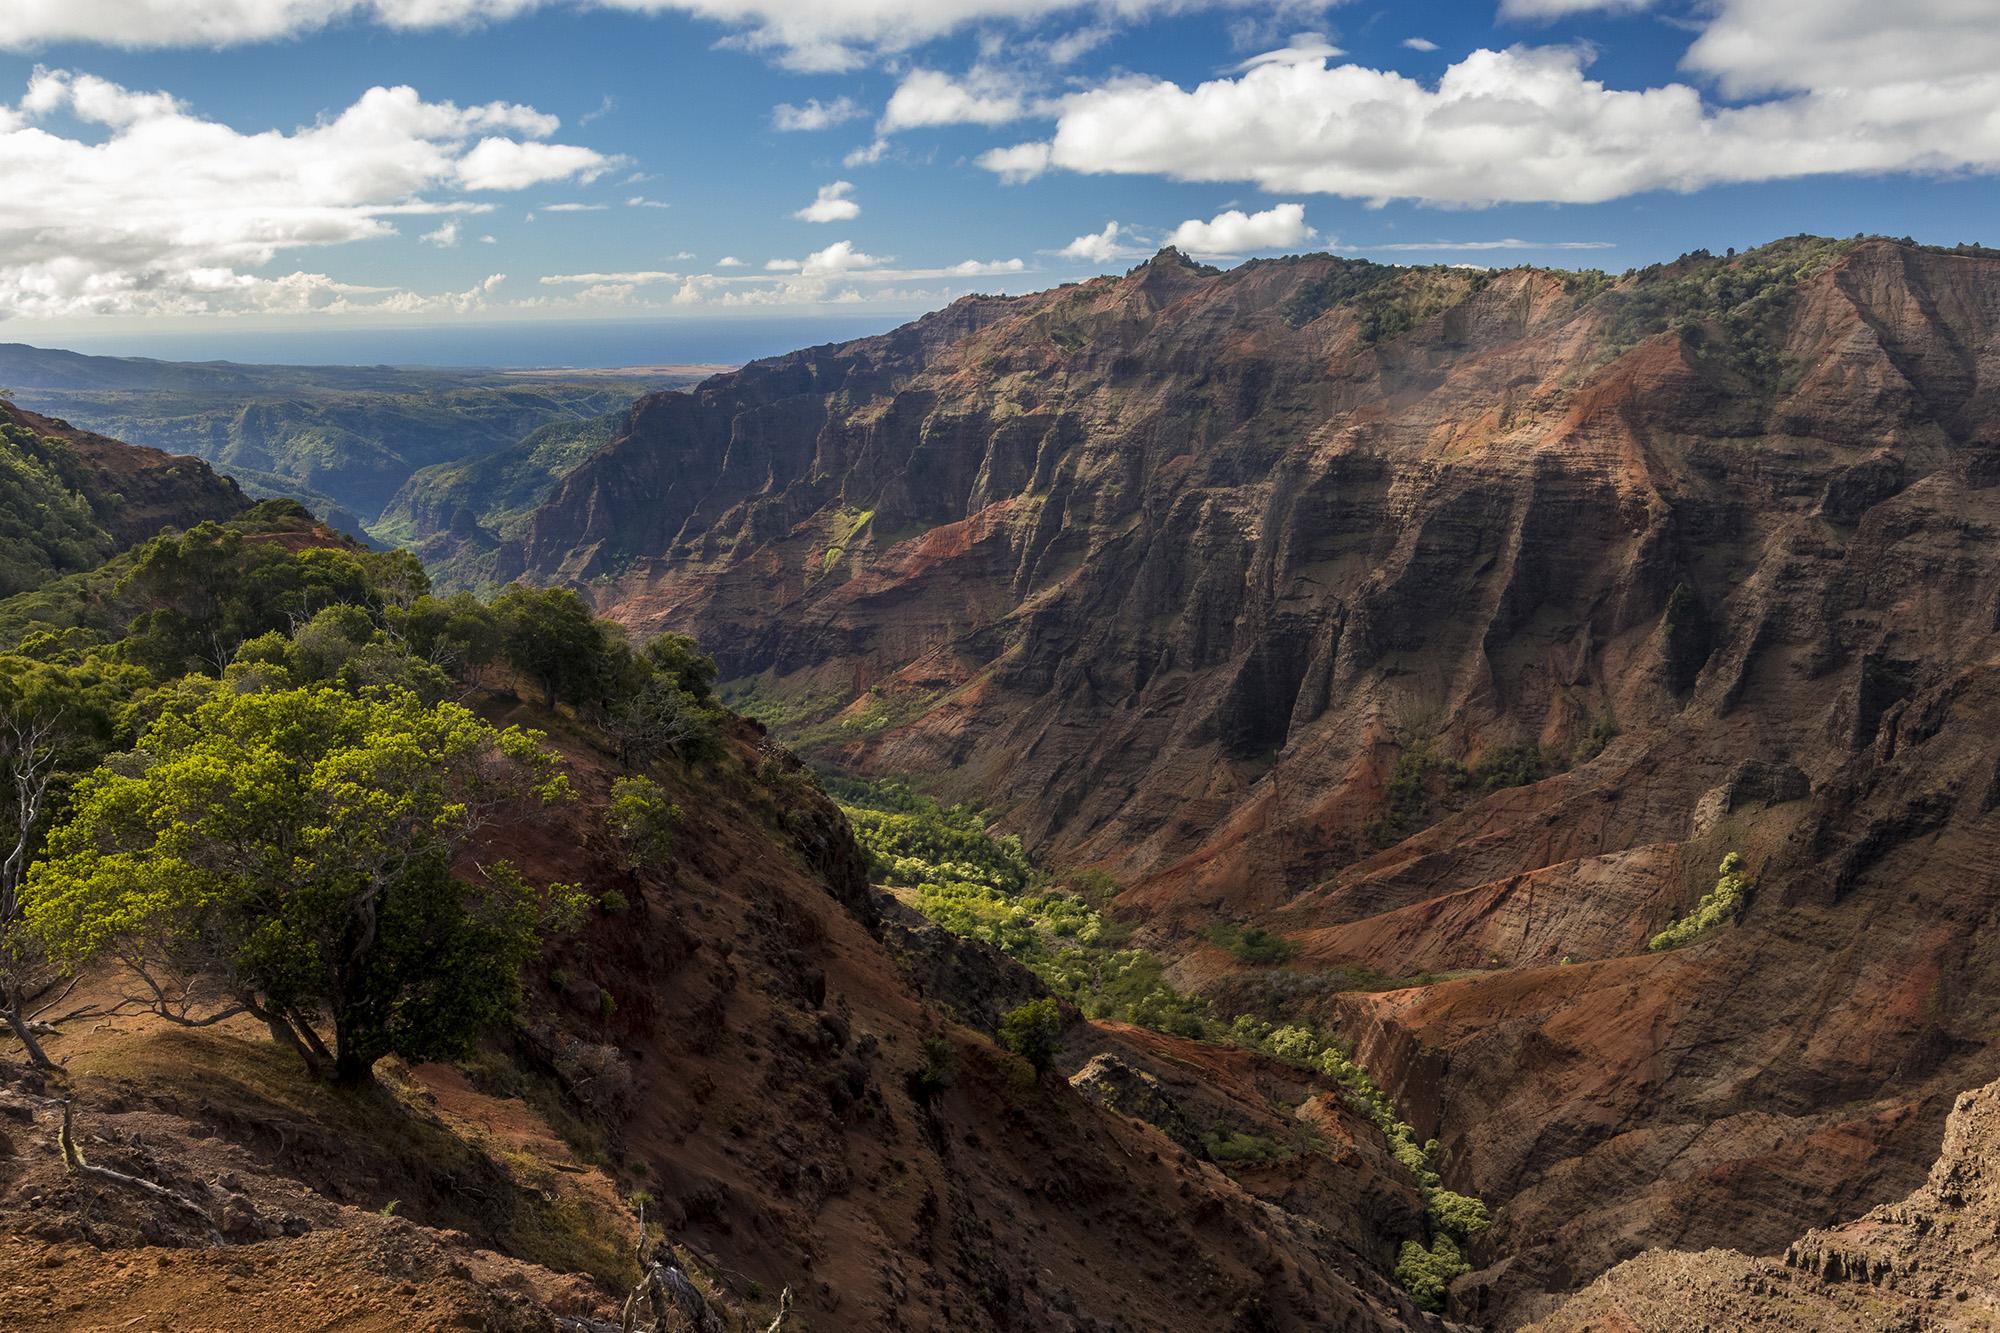 Cliff Trail au Waimea Canyon State Park sur l'île de Kauai de l'archipel de Hawaï